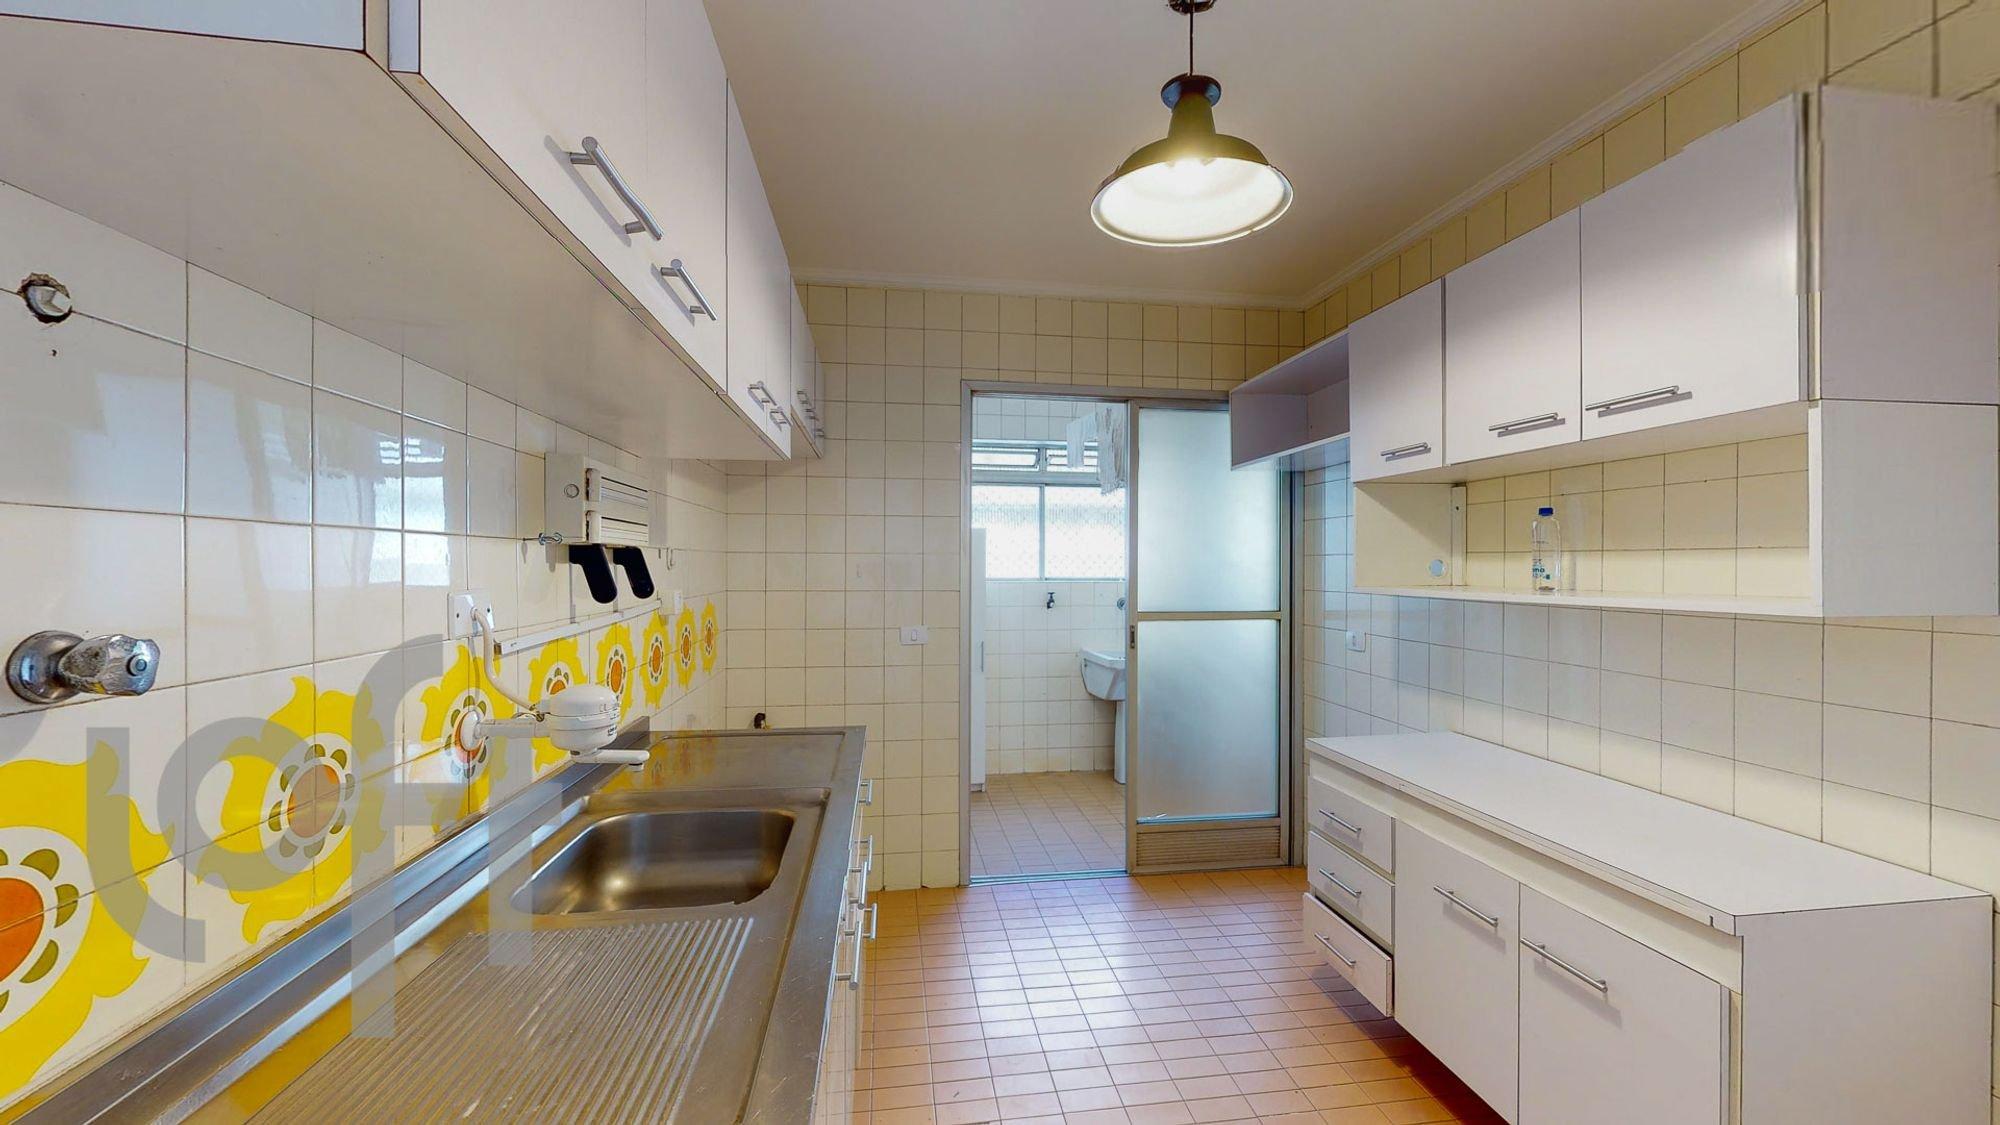 Foto de Cozinha com tigela, vaso sanitário, pia